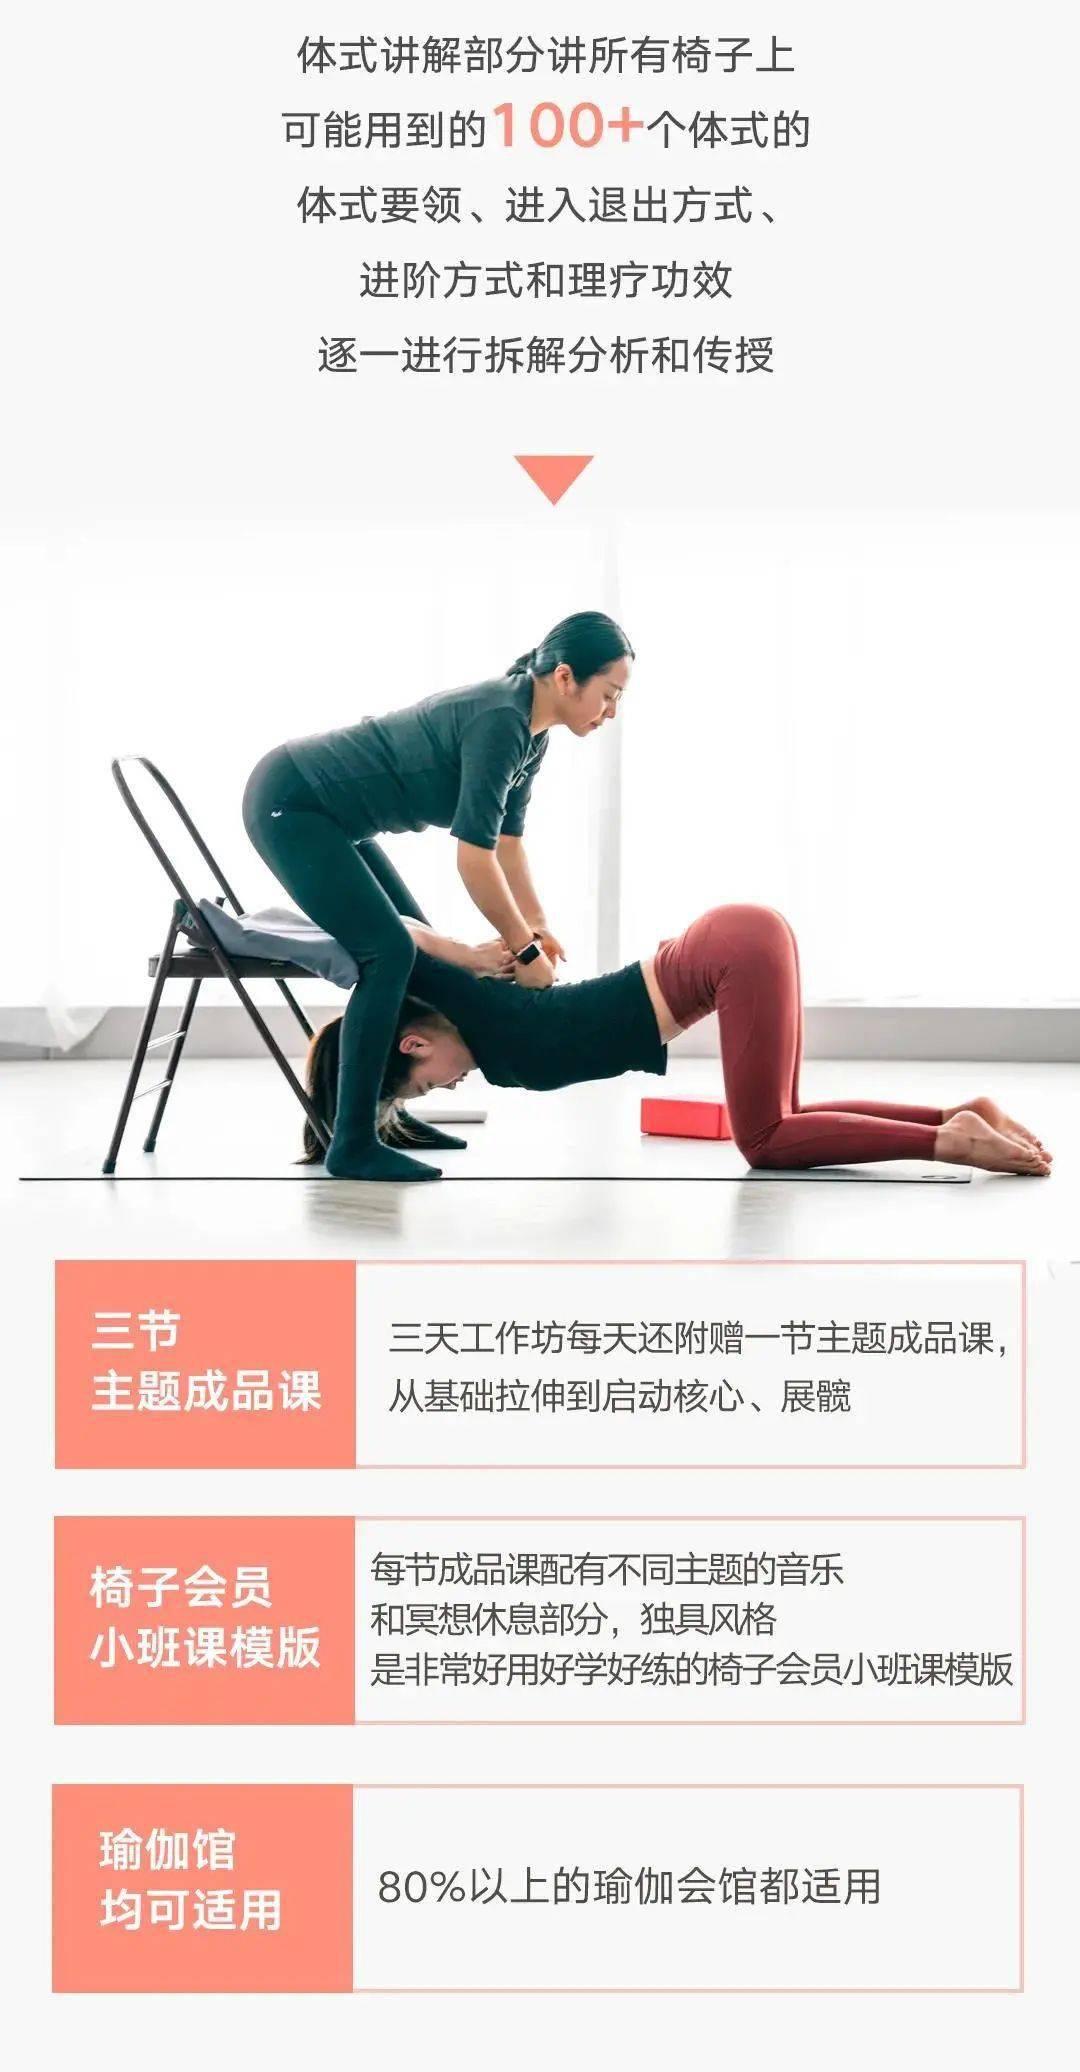 预售倒计时1天!椅子瑜伽线上工作坊(终极篇)3天16课时_动作